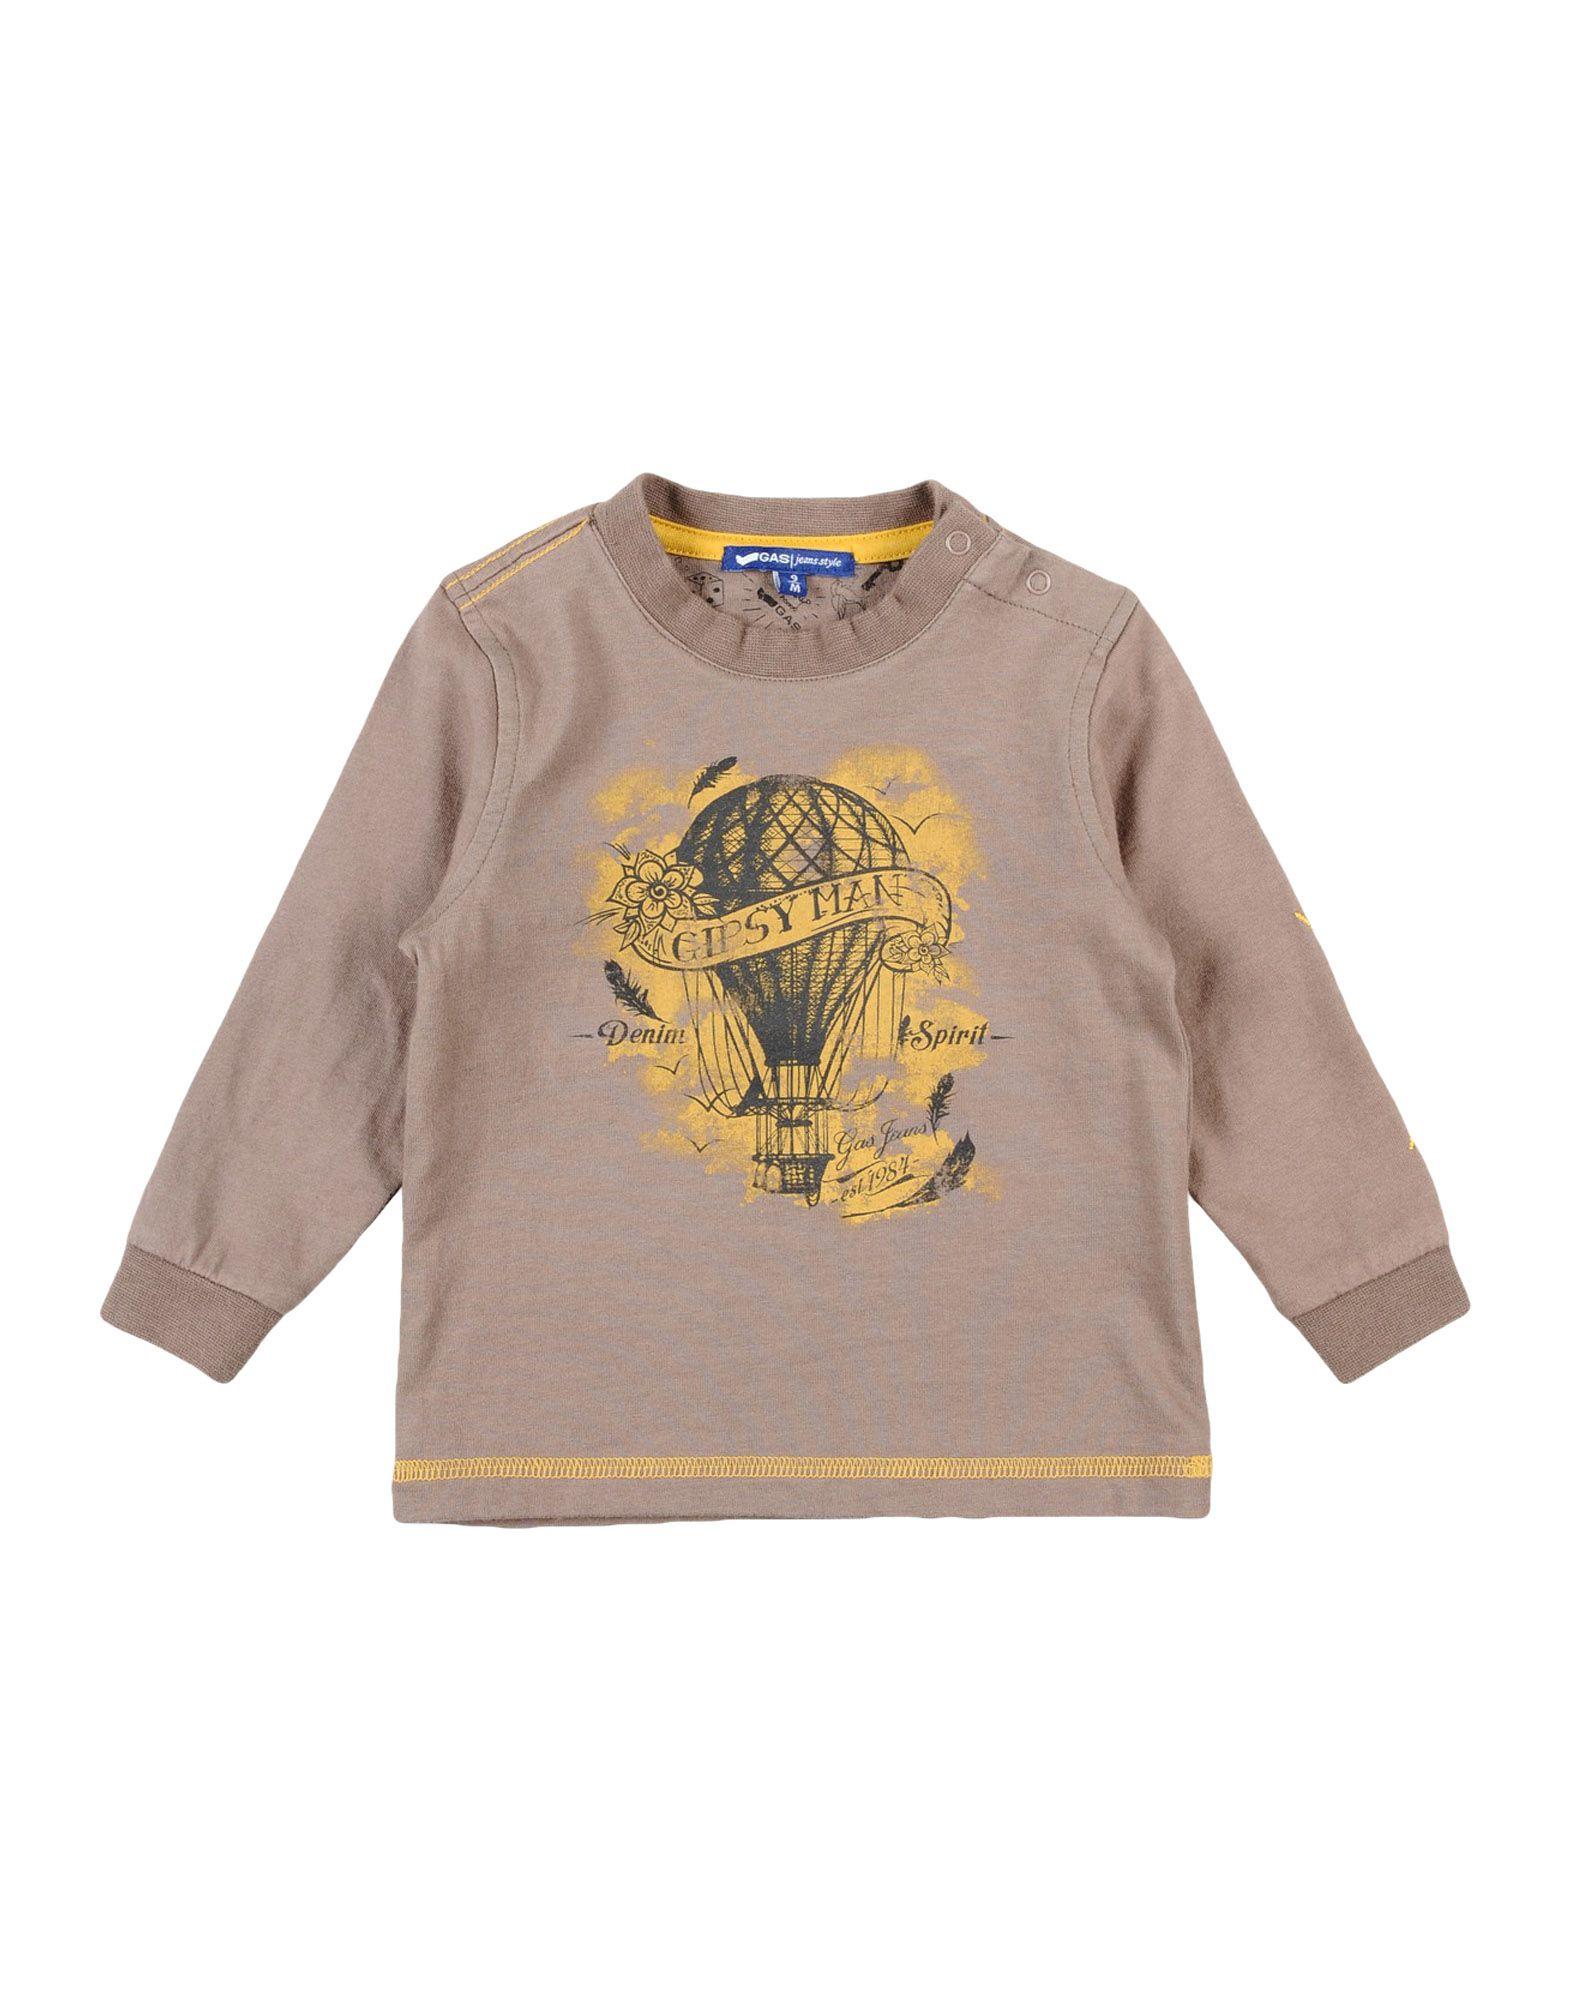 Gas Kids' T-shirts In Neutrals